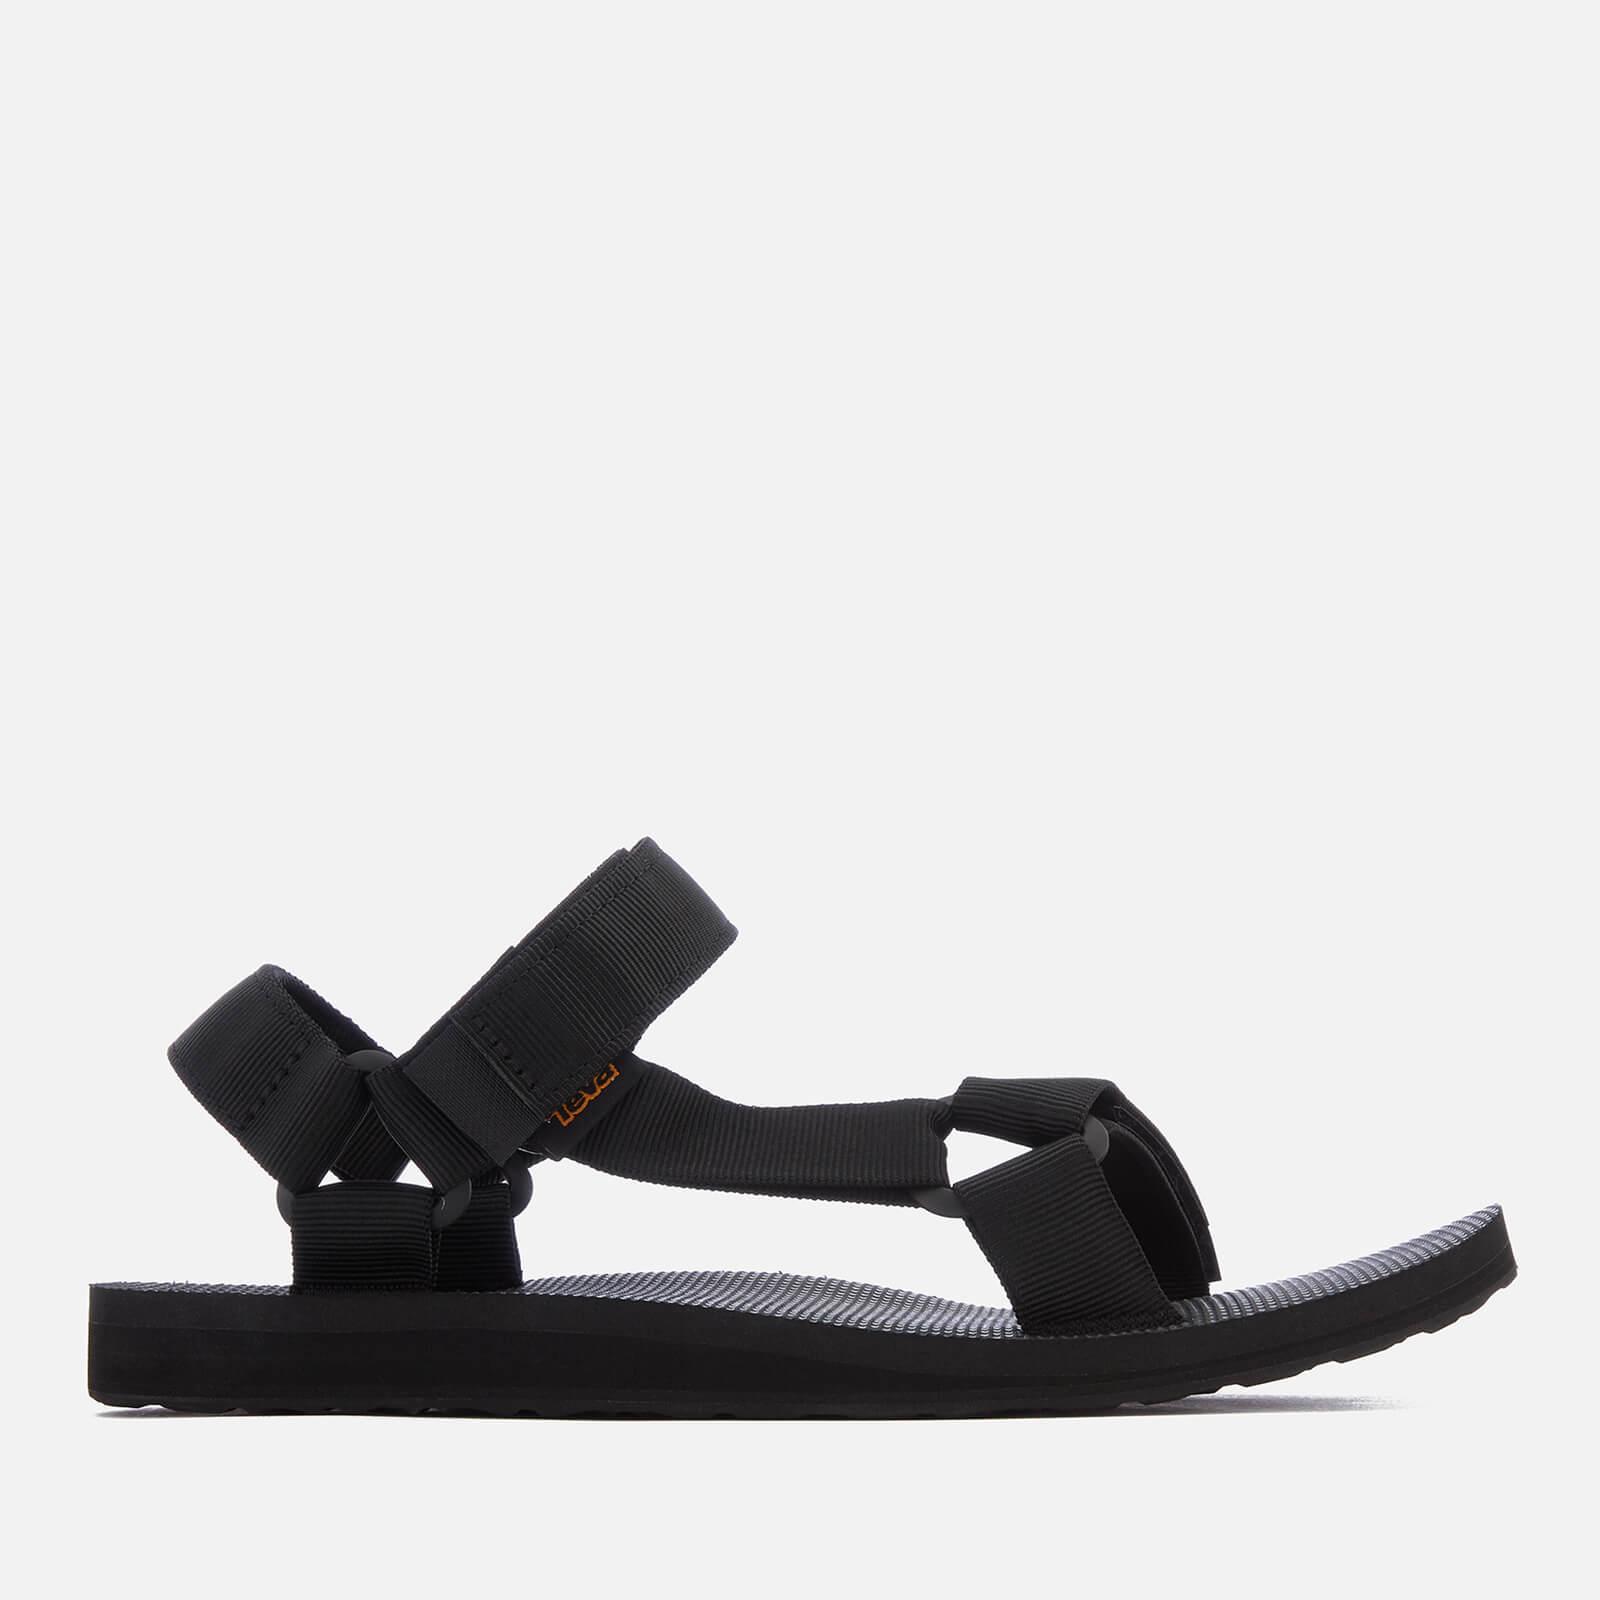 Teva Men's Original Universal Urban Sport Sandals - Black - UK 11